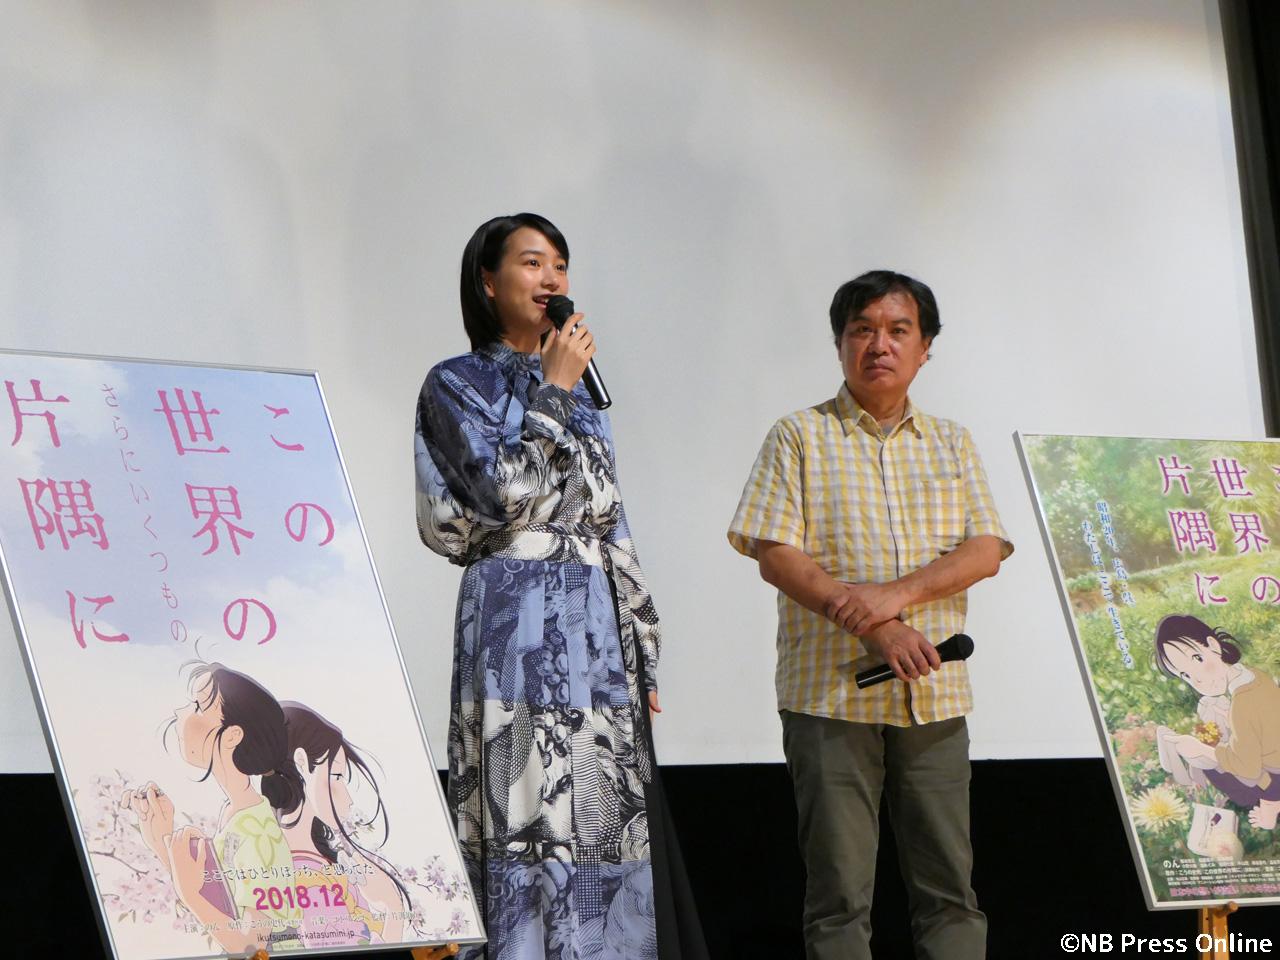 映画『この世界の片隅に』8月15日再上映舞台挨拶